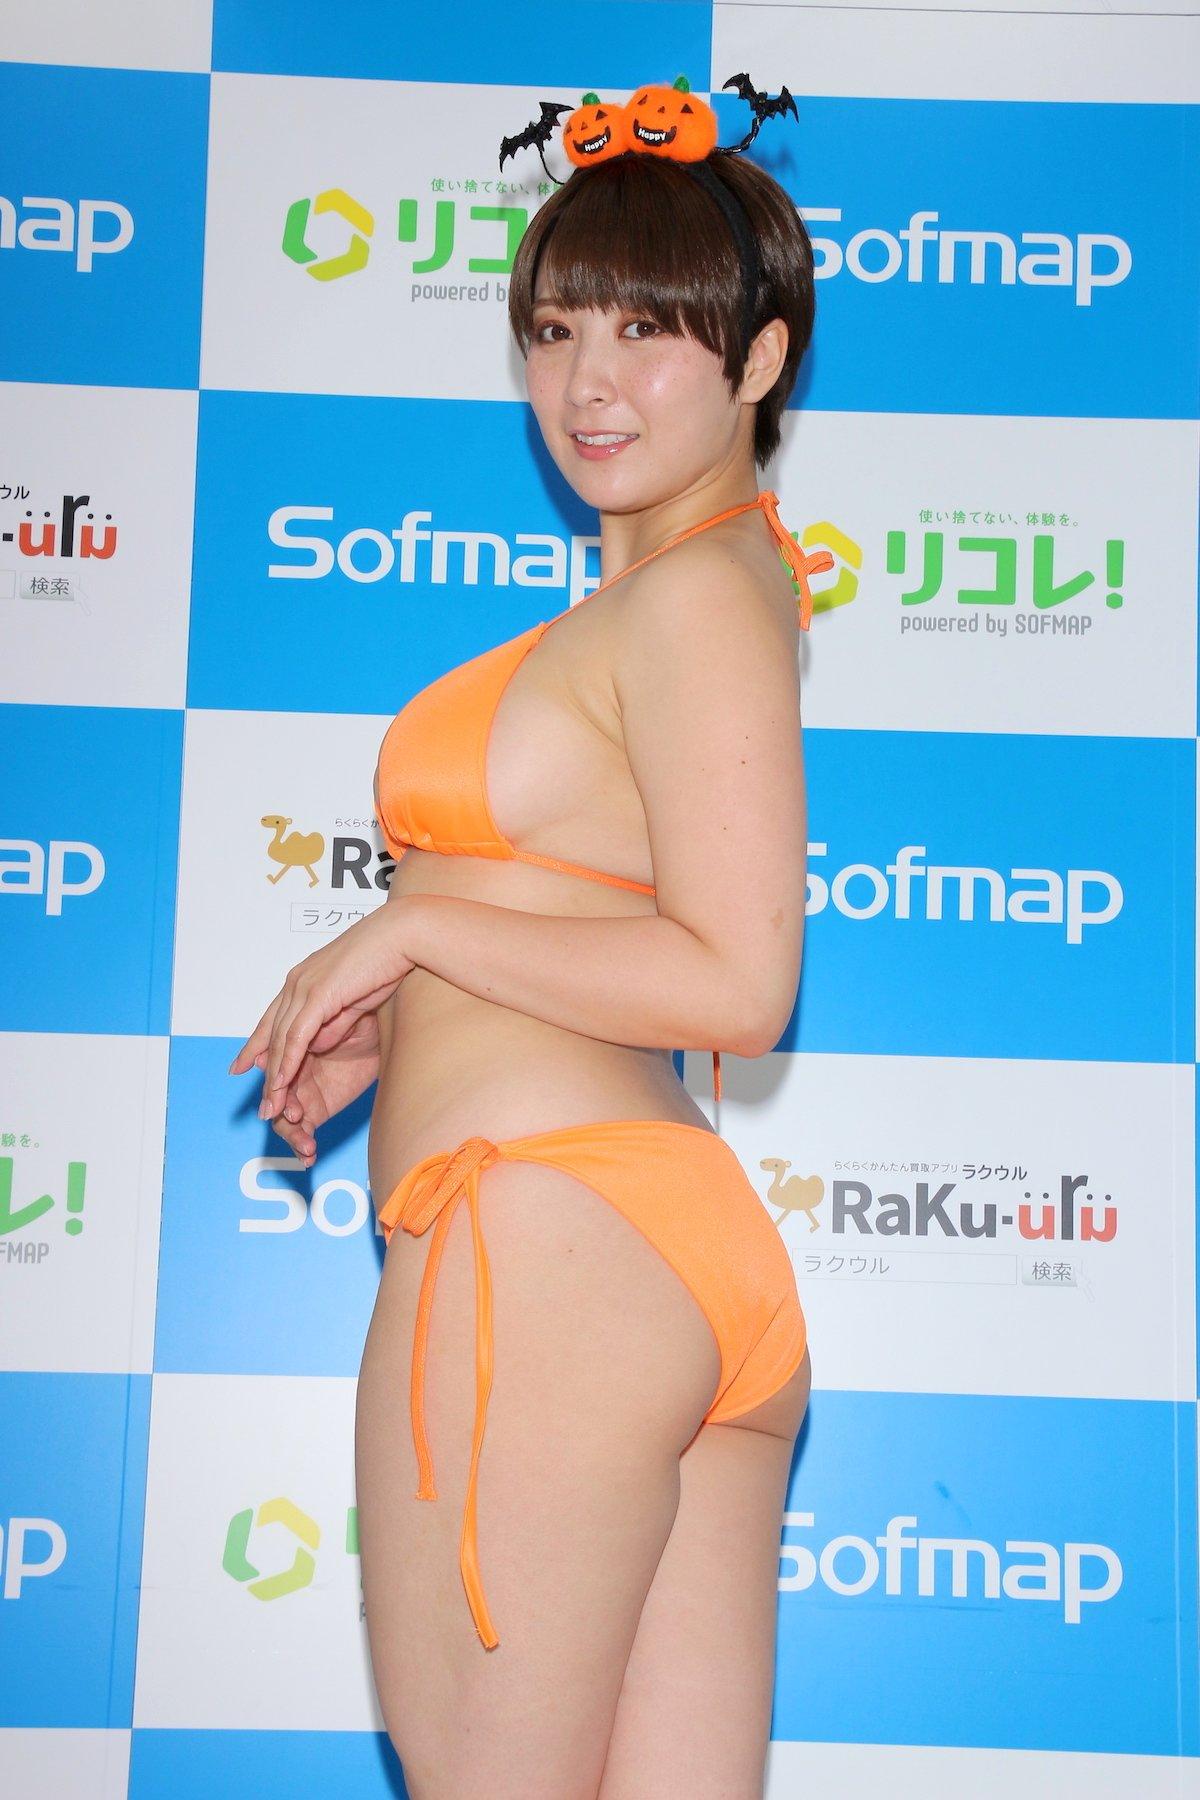 紺野栞「SM嬢に初挑戦」ムチを覚えて感動しました【画像49枚】の画像008